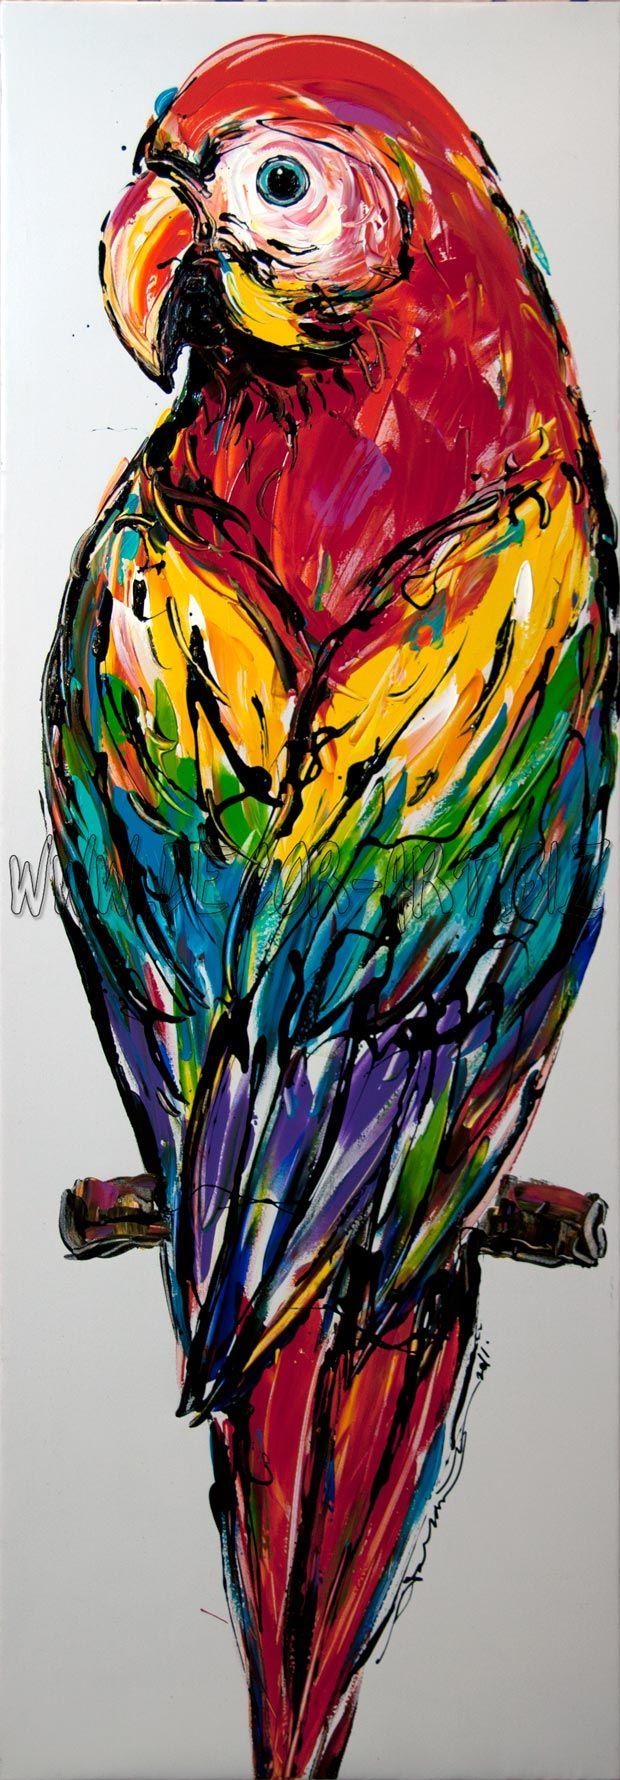 Multi color parrot 35×100cm by Sunthorn Phrachannok  Price: $65  Description: 35x100cm painting on white canvas